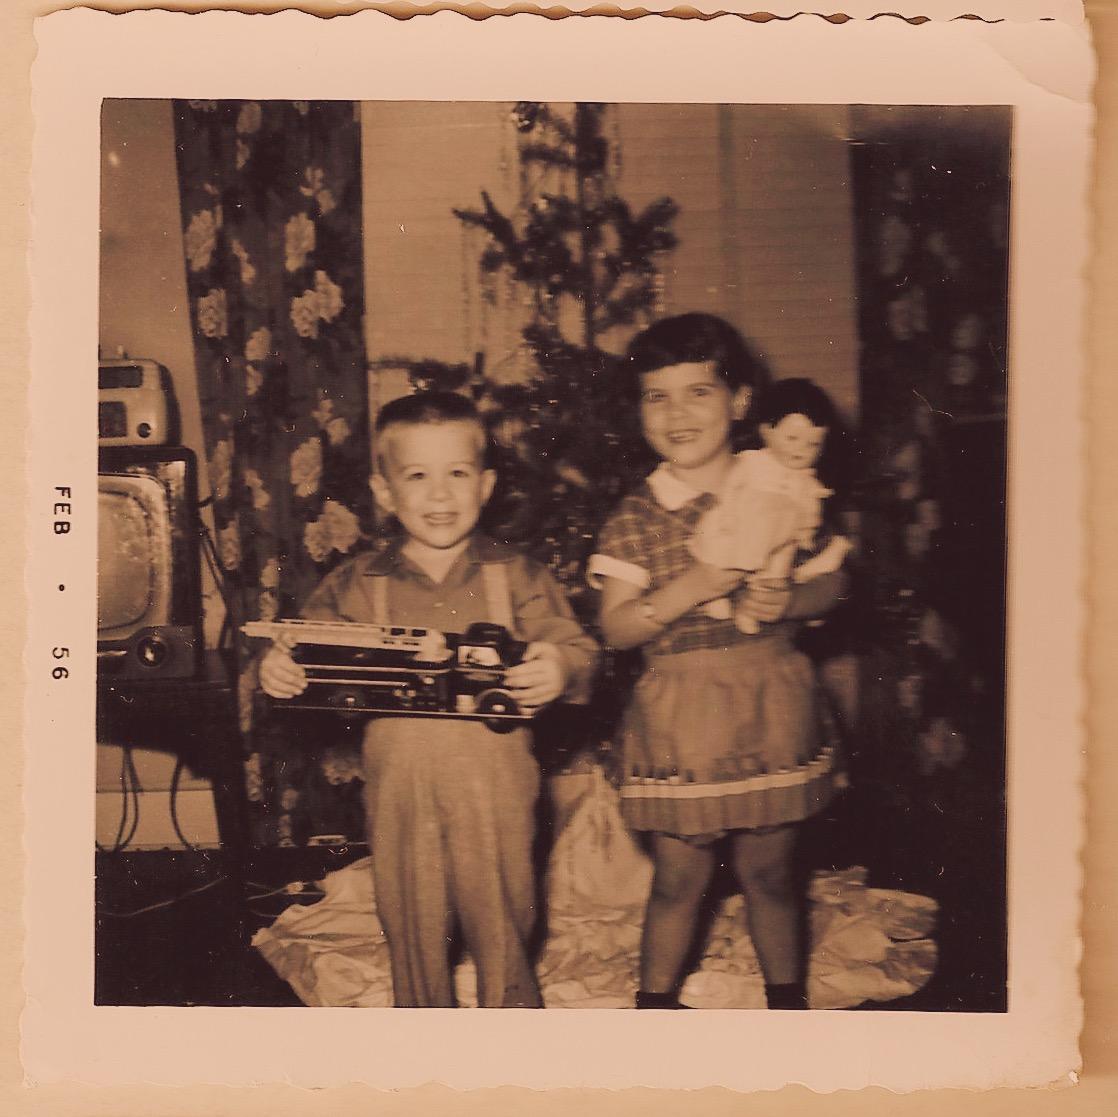 A 1950's Christmas